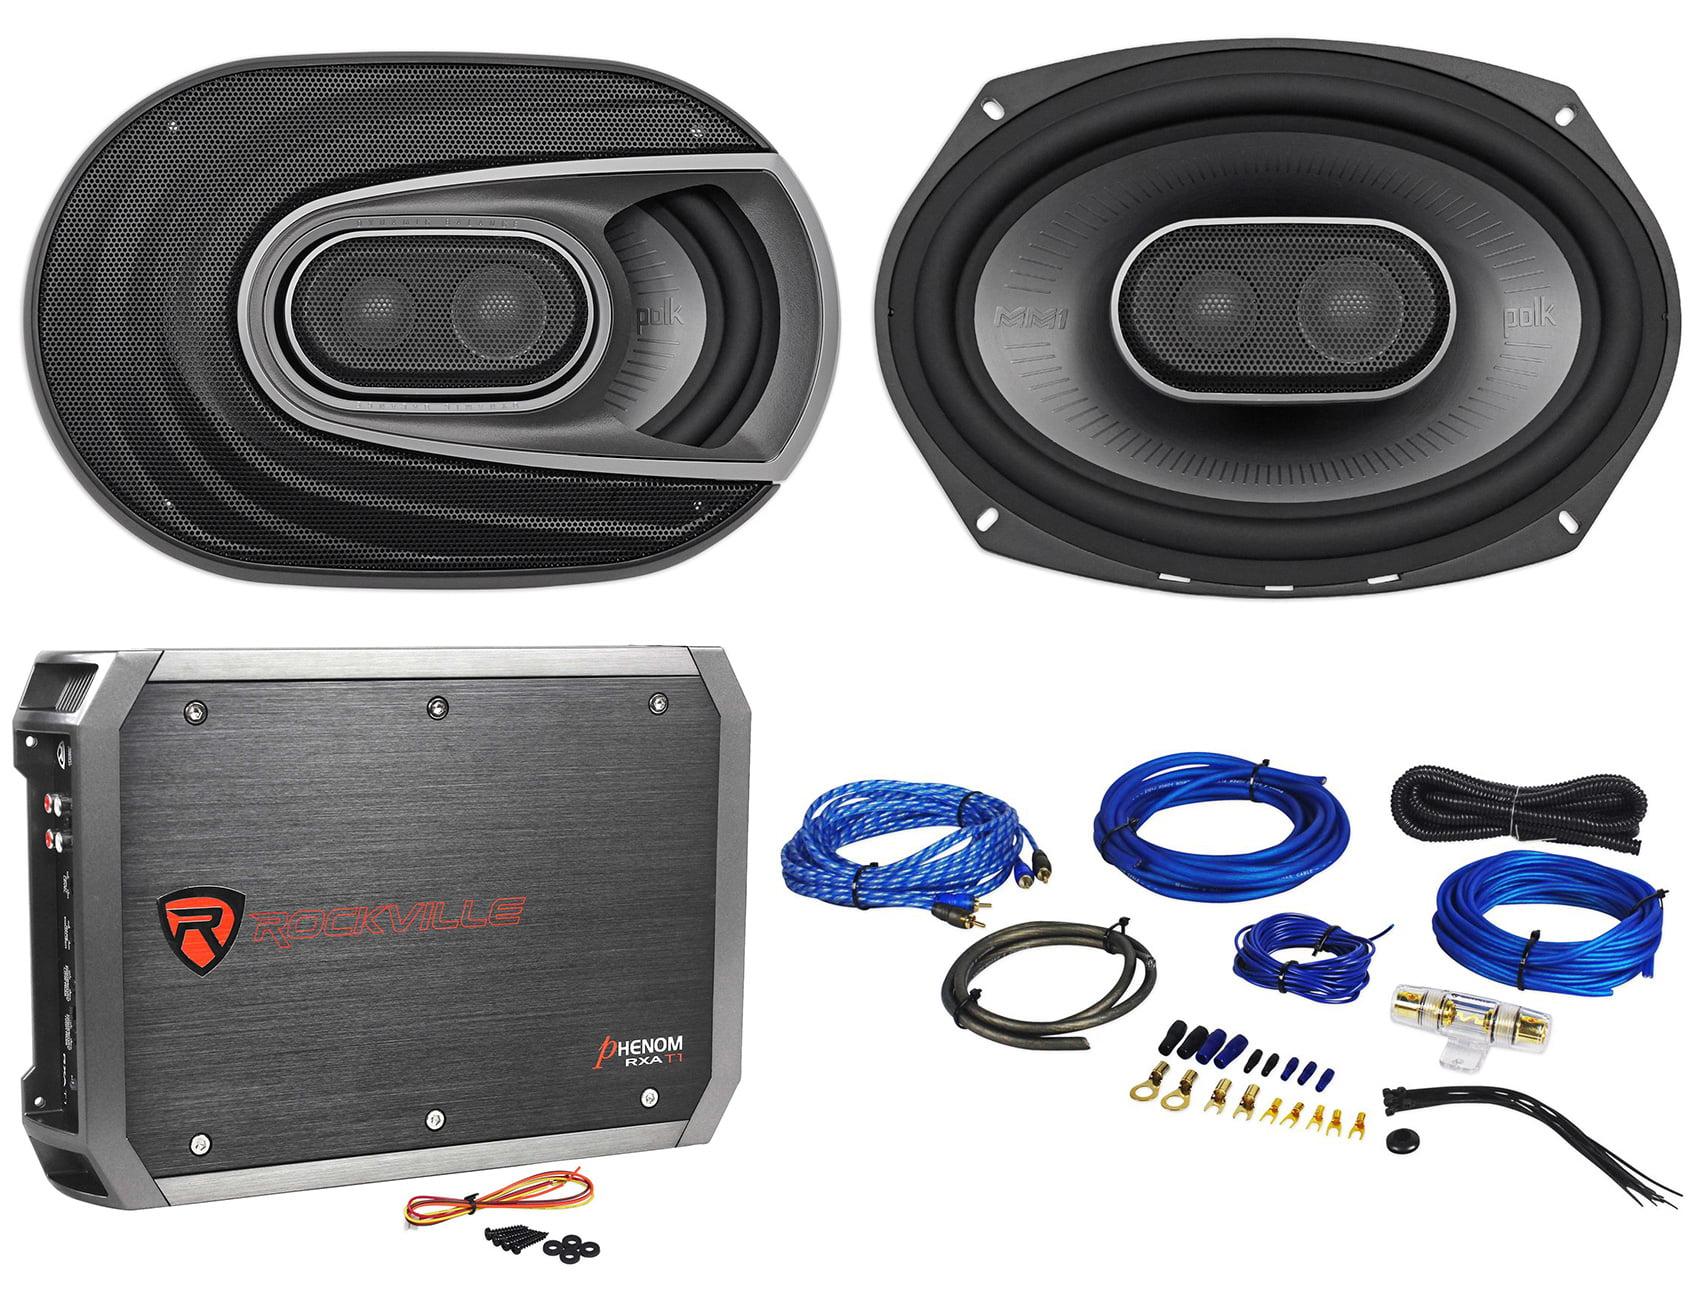 polk audio car subwoofer wiring kits wiring diagrams home audio subwoofer wiring 2 polk audio [ 1700 x 1297 Pixel ]